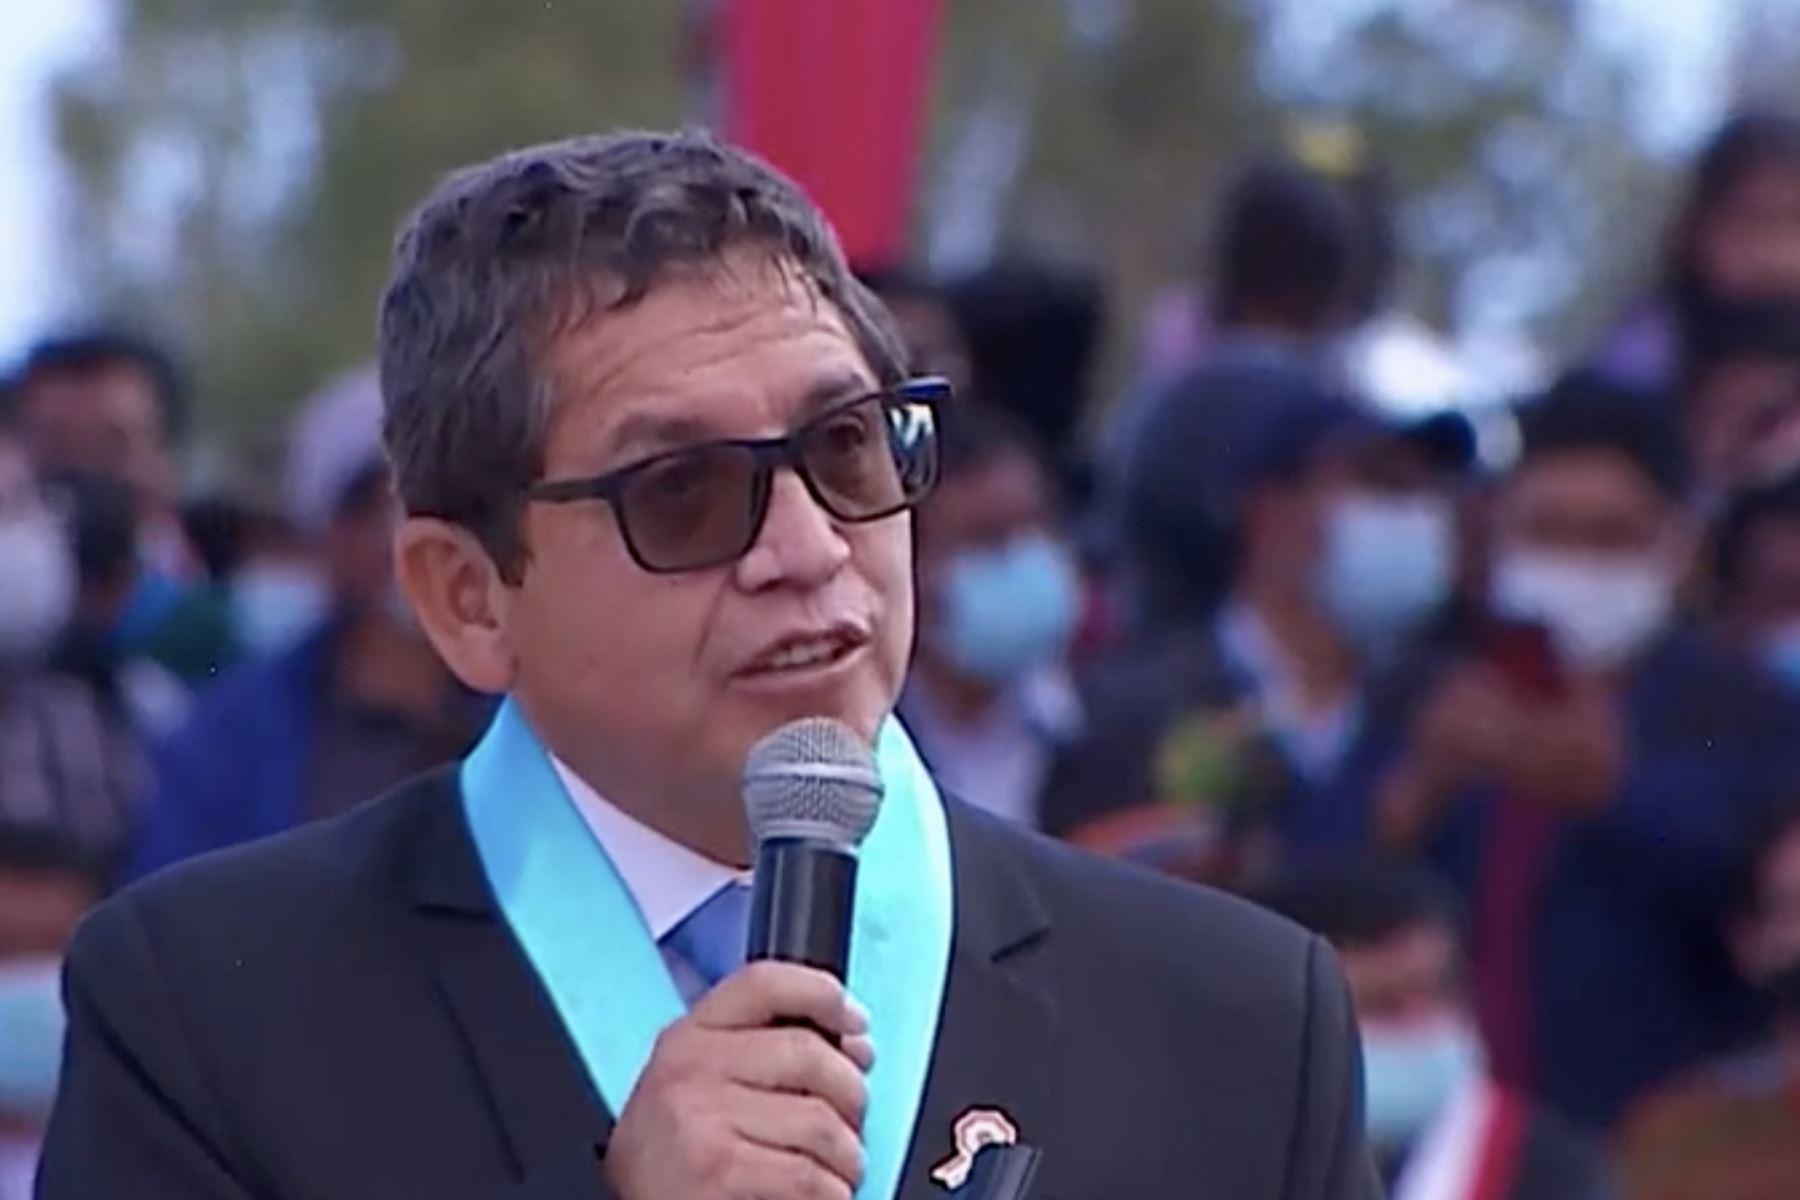 Alcalde provincial de Huamanga, Yuri Alberto Gutiérrez, participó en la ceremonia de juramentación simbólica del presidente Pedro Castillo celebrada en la Pampa de Ayacucho.